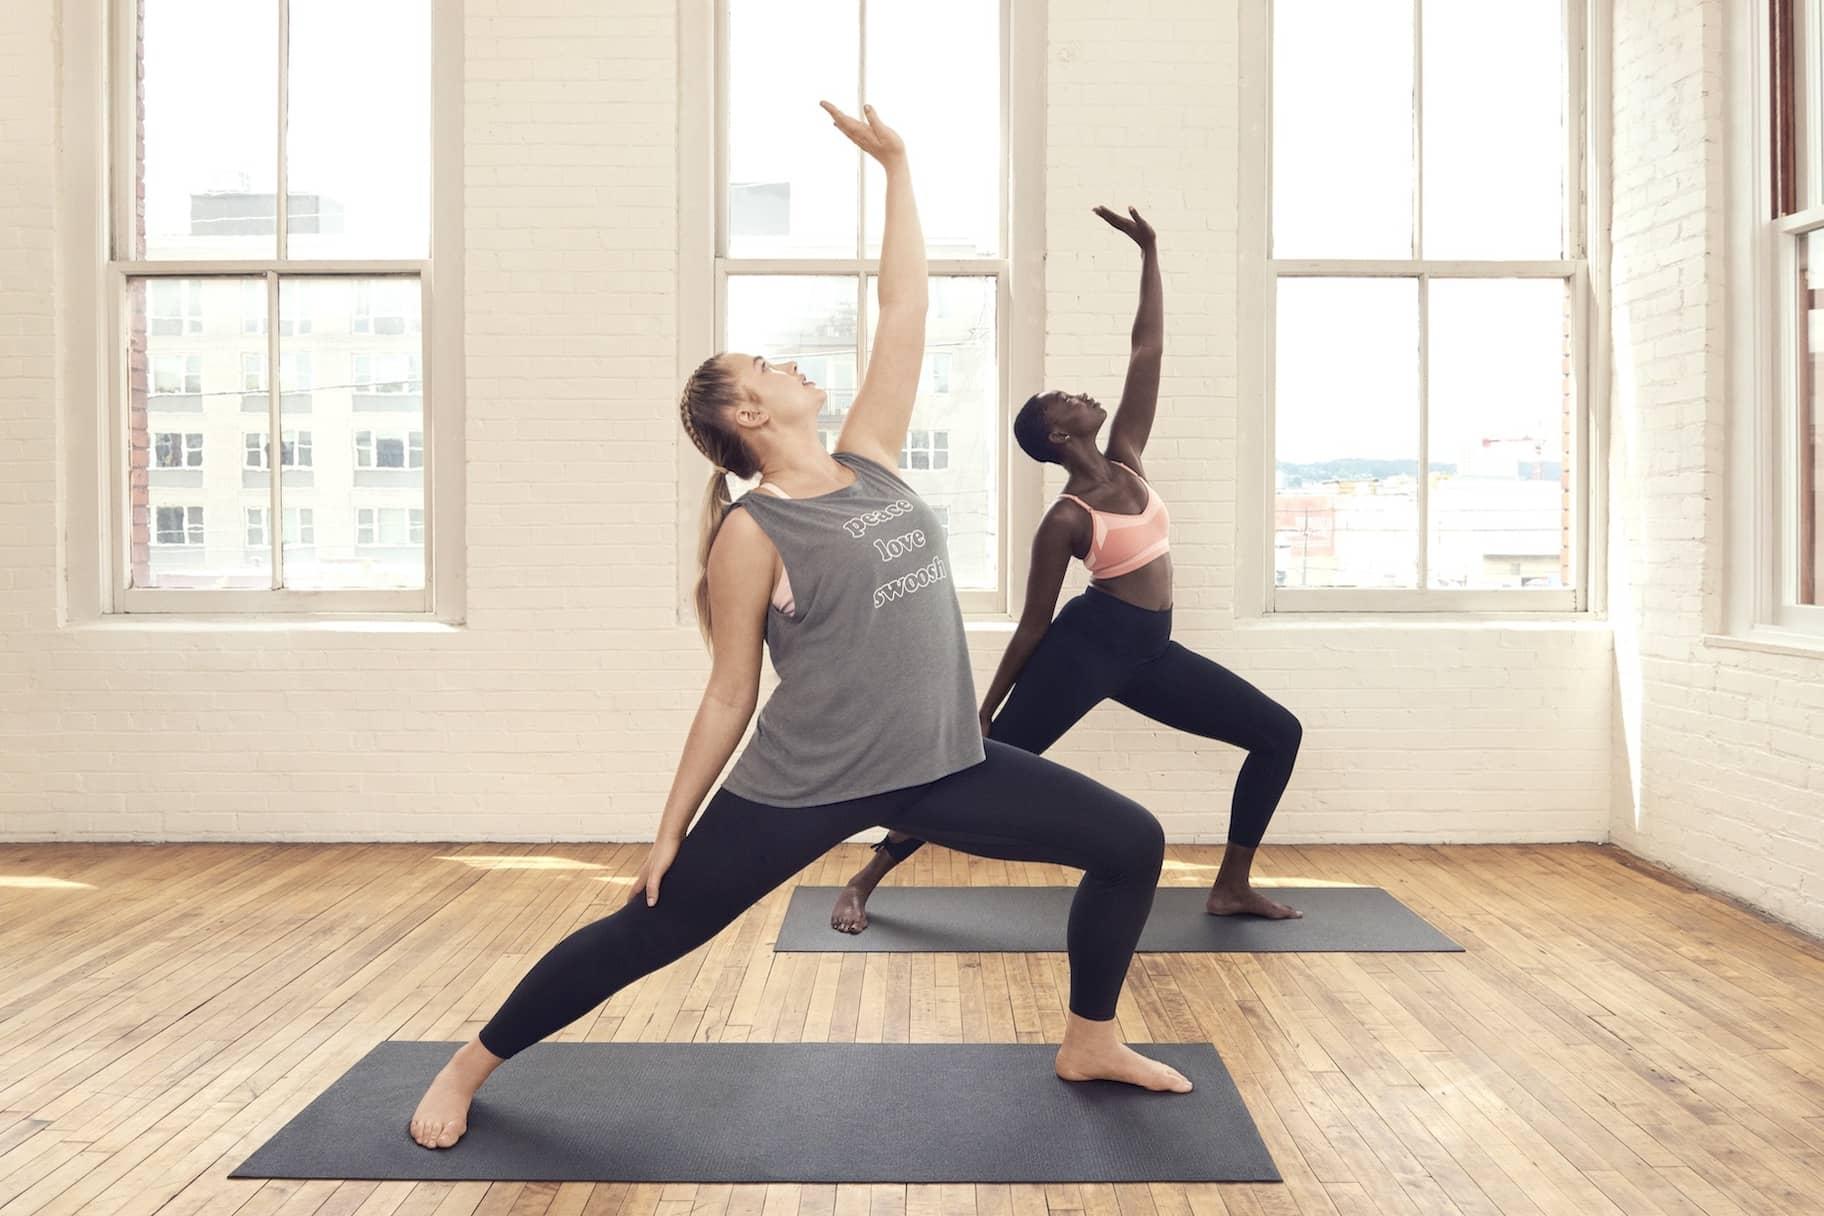 So findest du die richtige Yogabekleidung